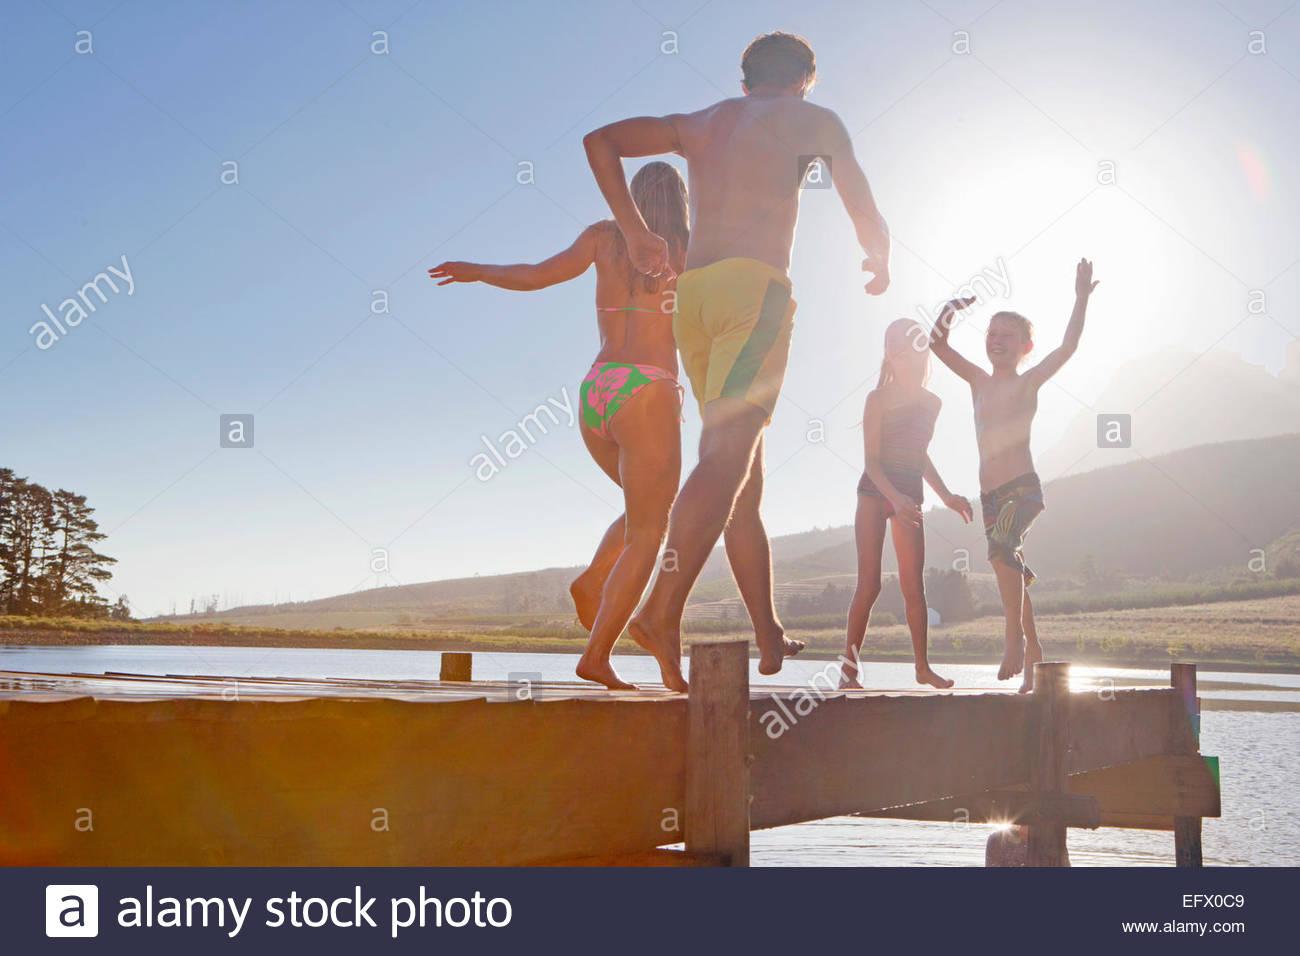 Glückliche Familie laufen und springen auf Steg Stockbild